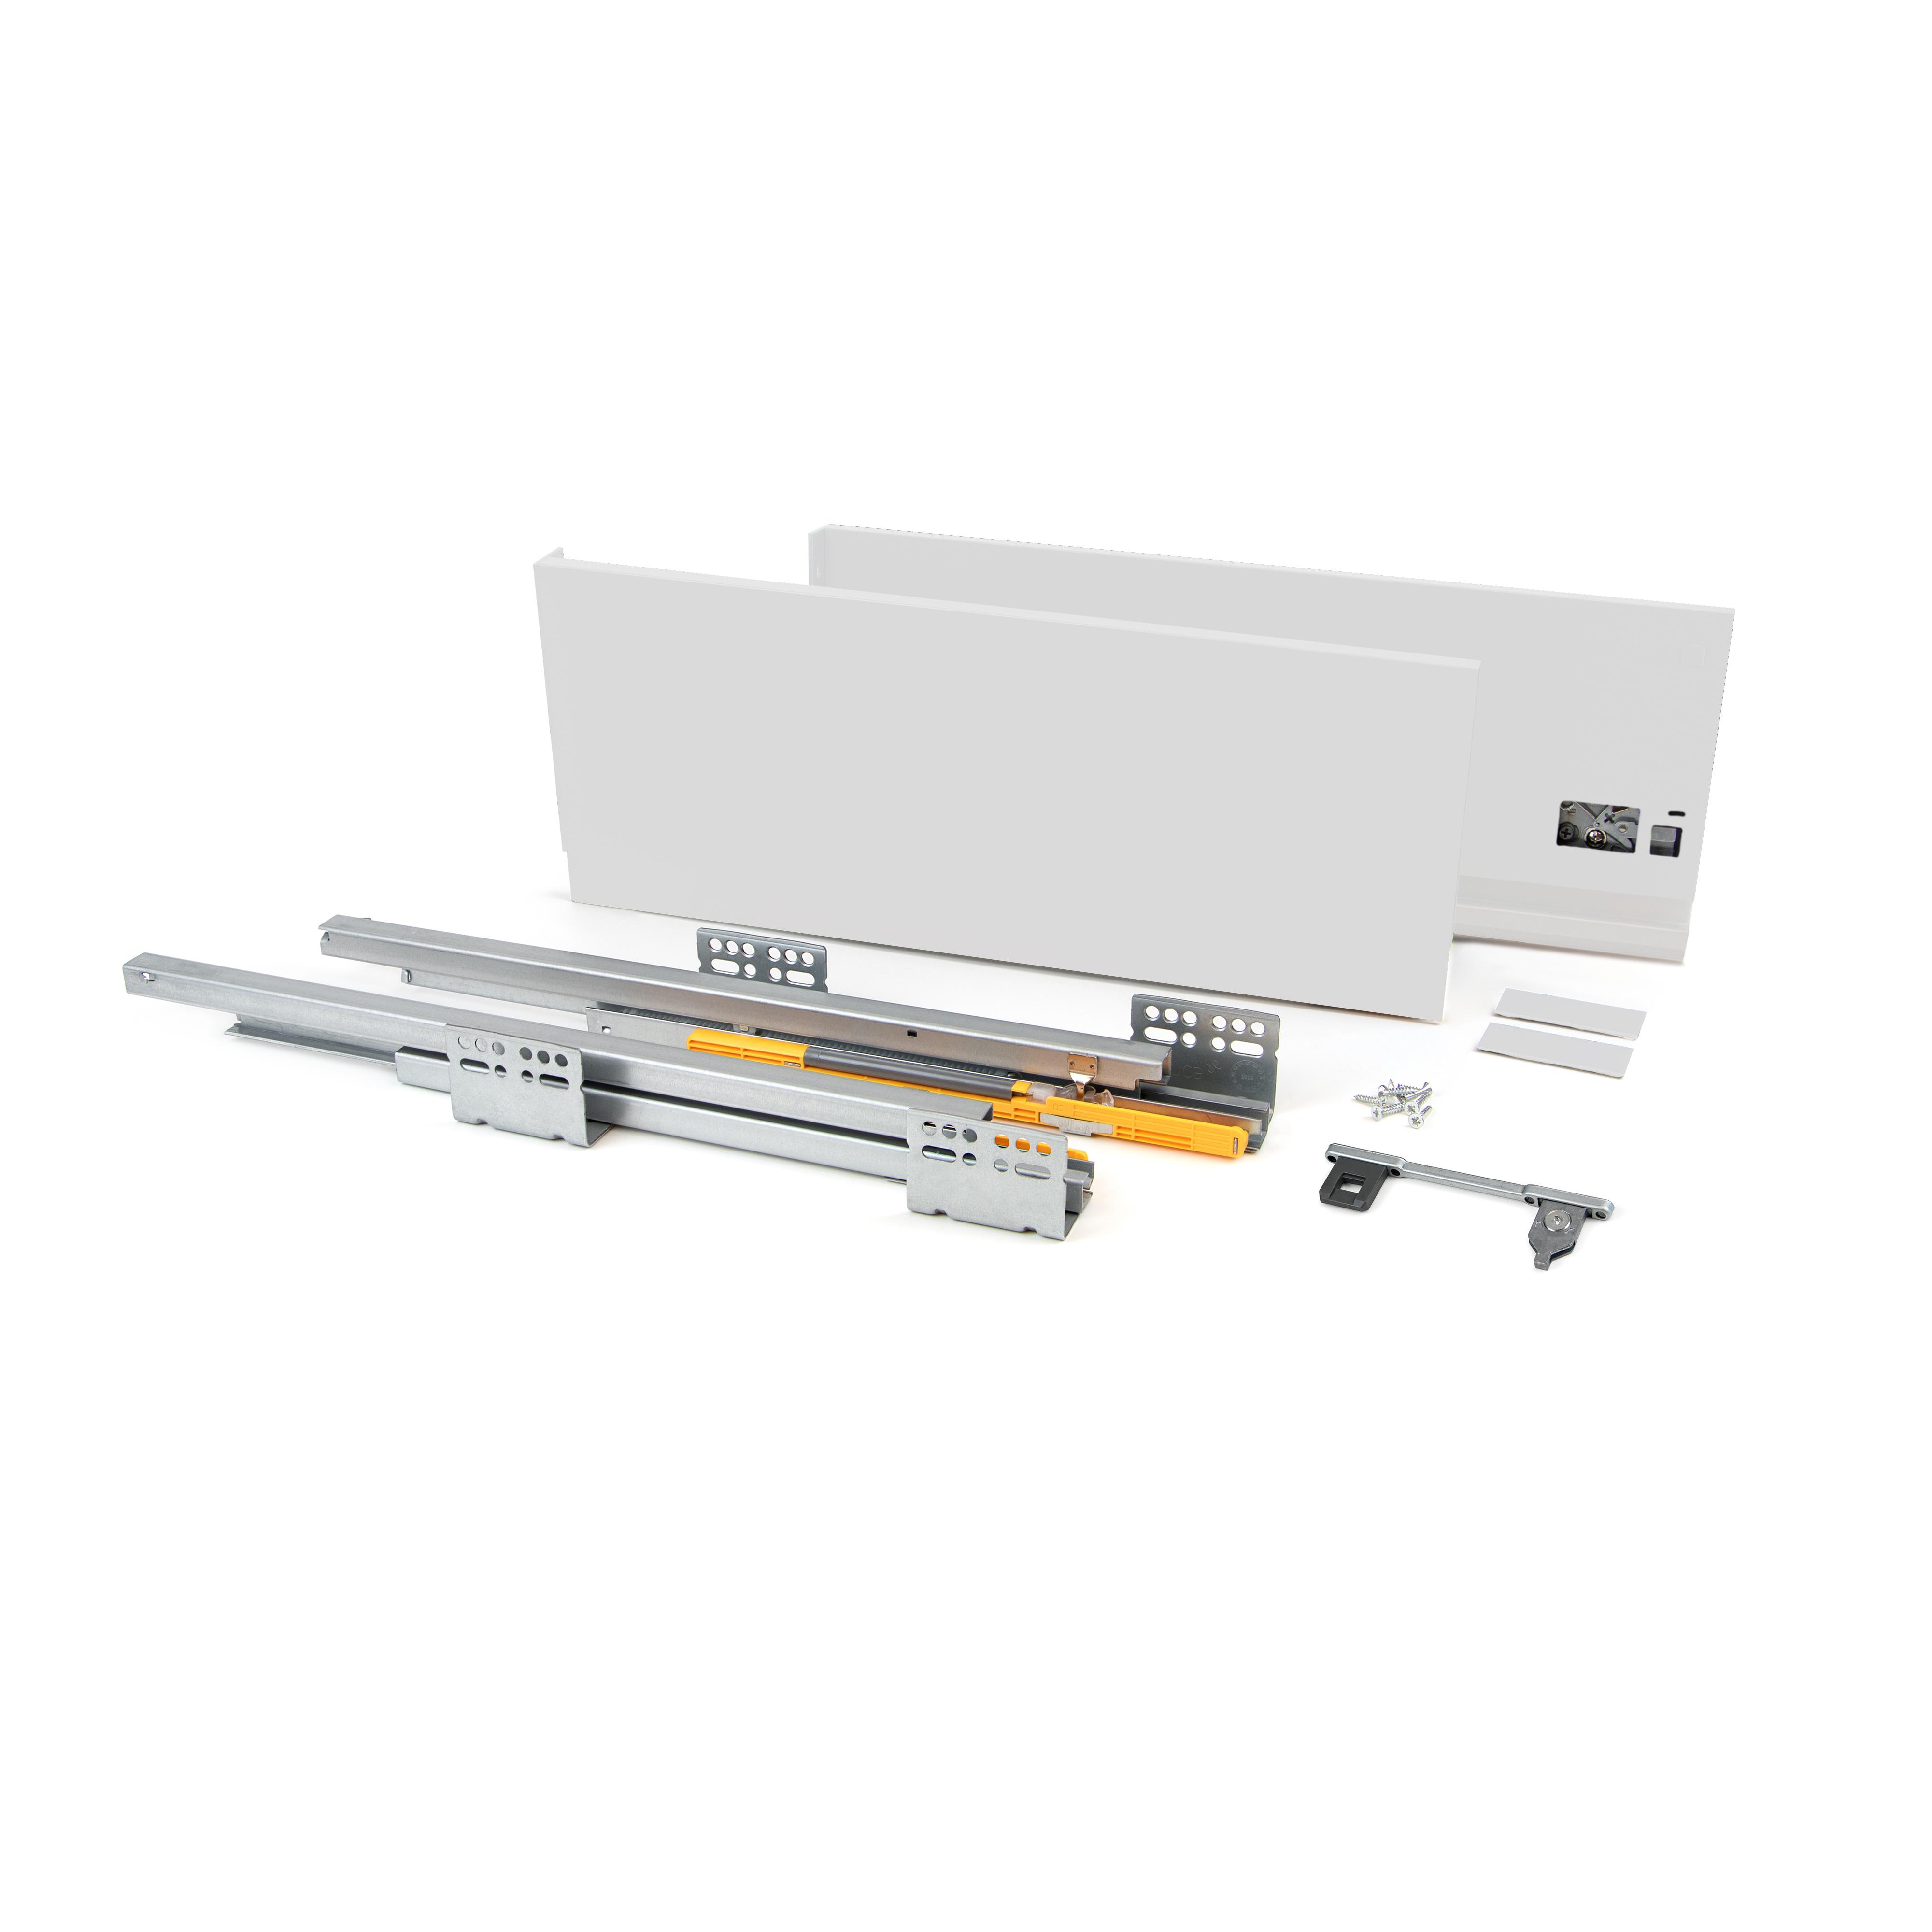 Emuca Kit cassetto per cucina Concept, 50 Kg, altezza 138 mm, prof. 500 mm, chiusura soft, Acciaio, Grigio antracite